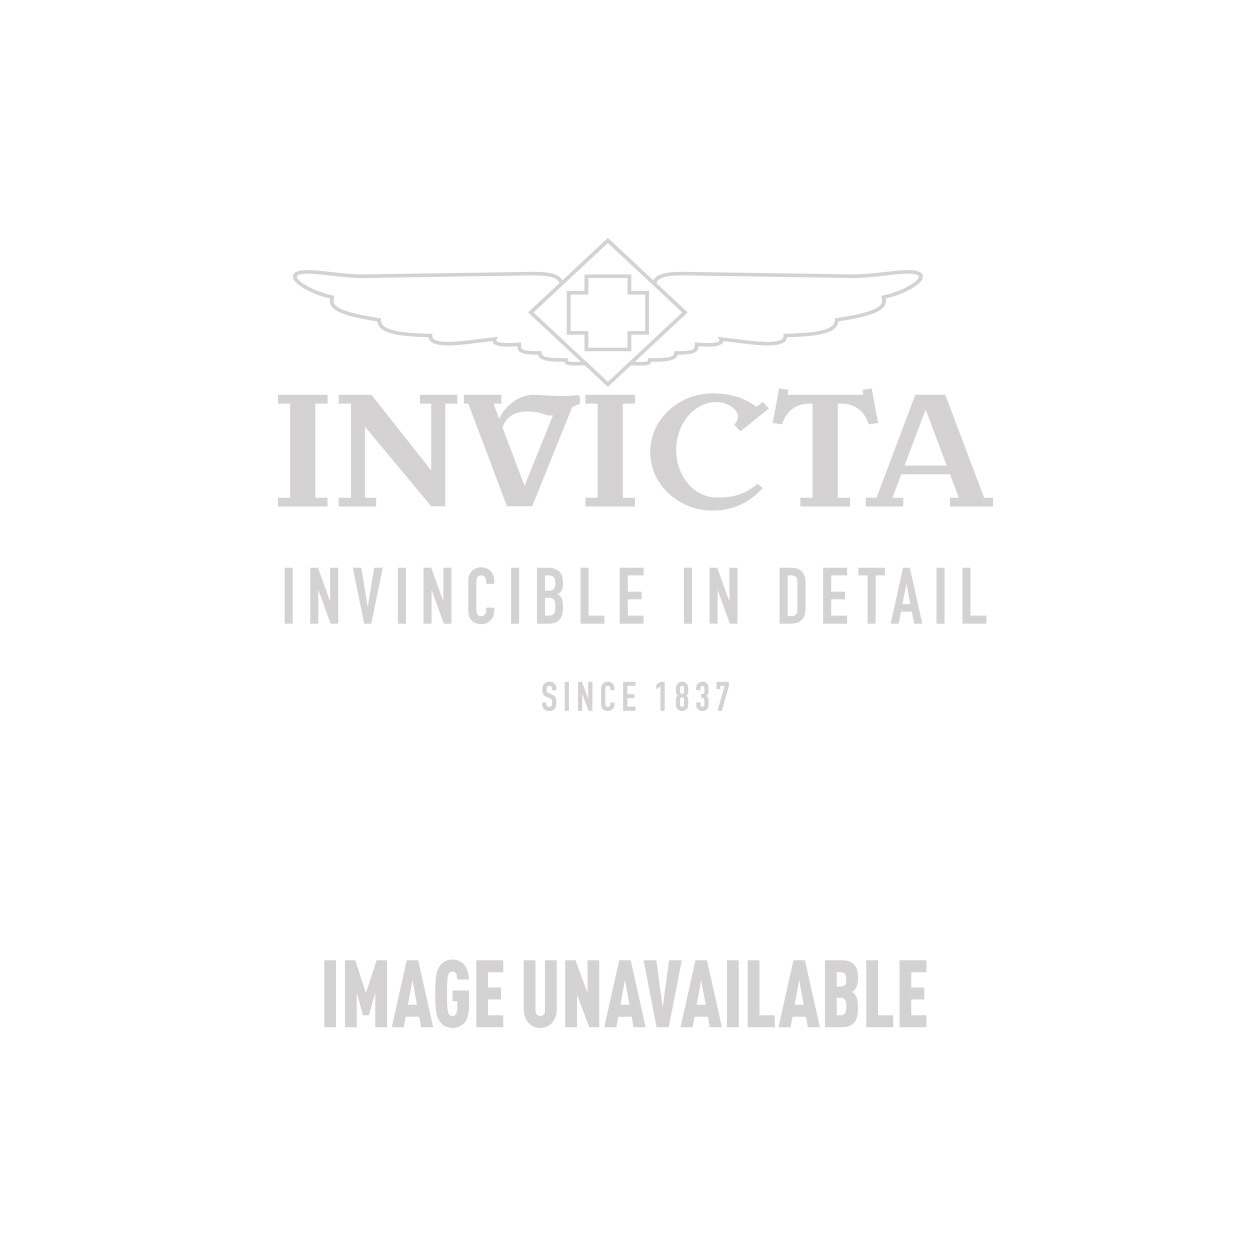 Invicta Model 29485